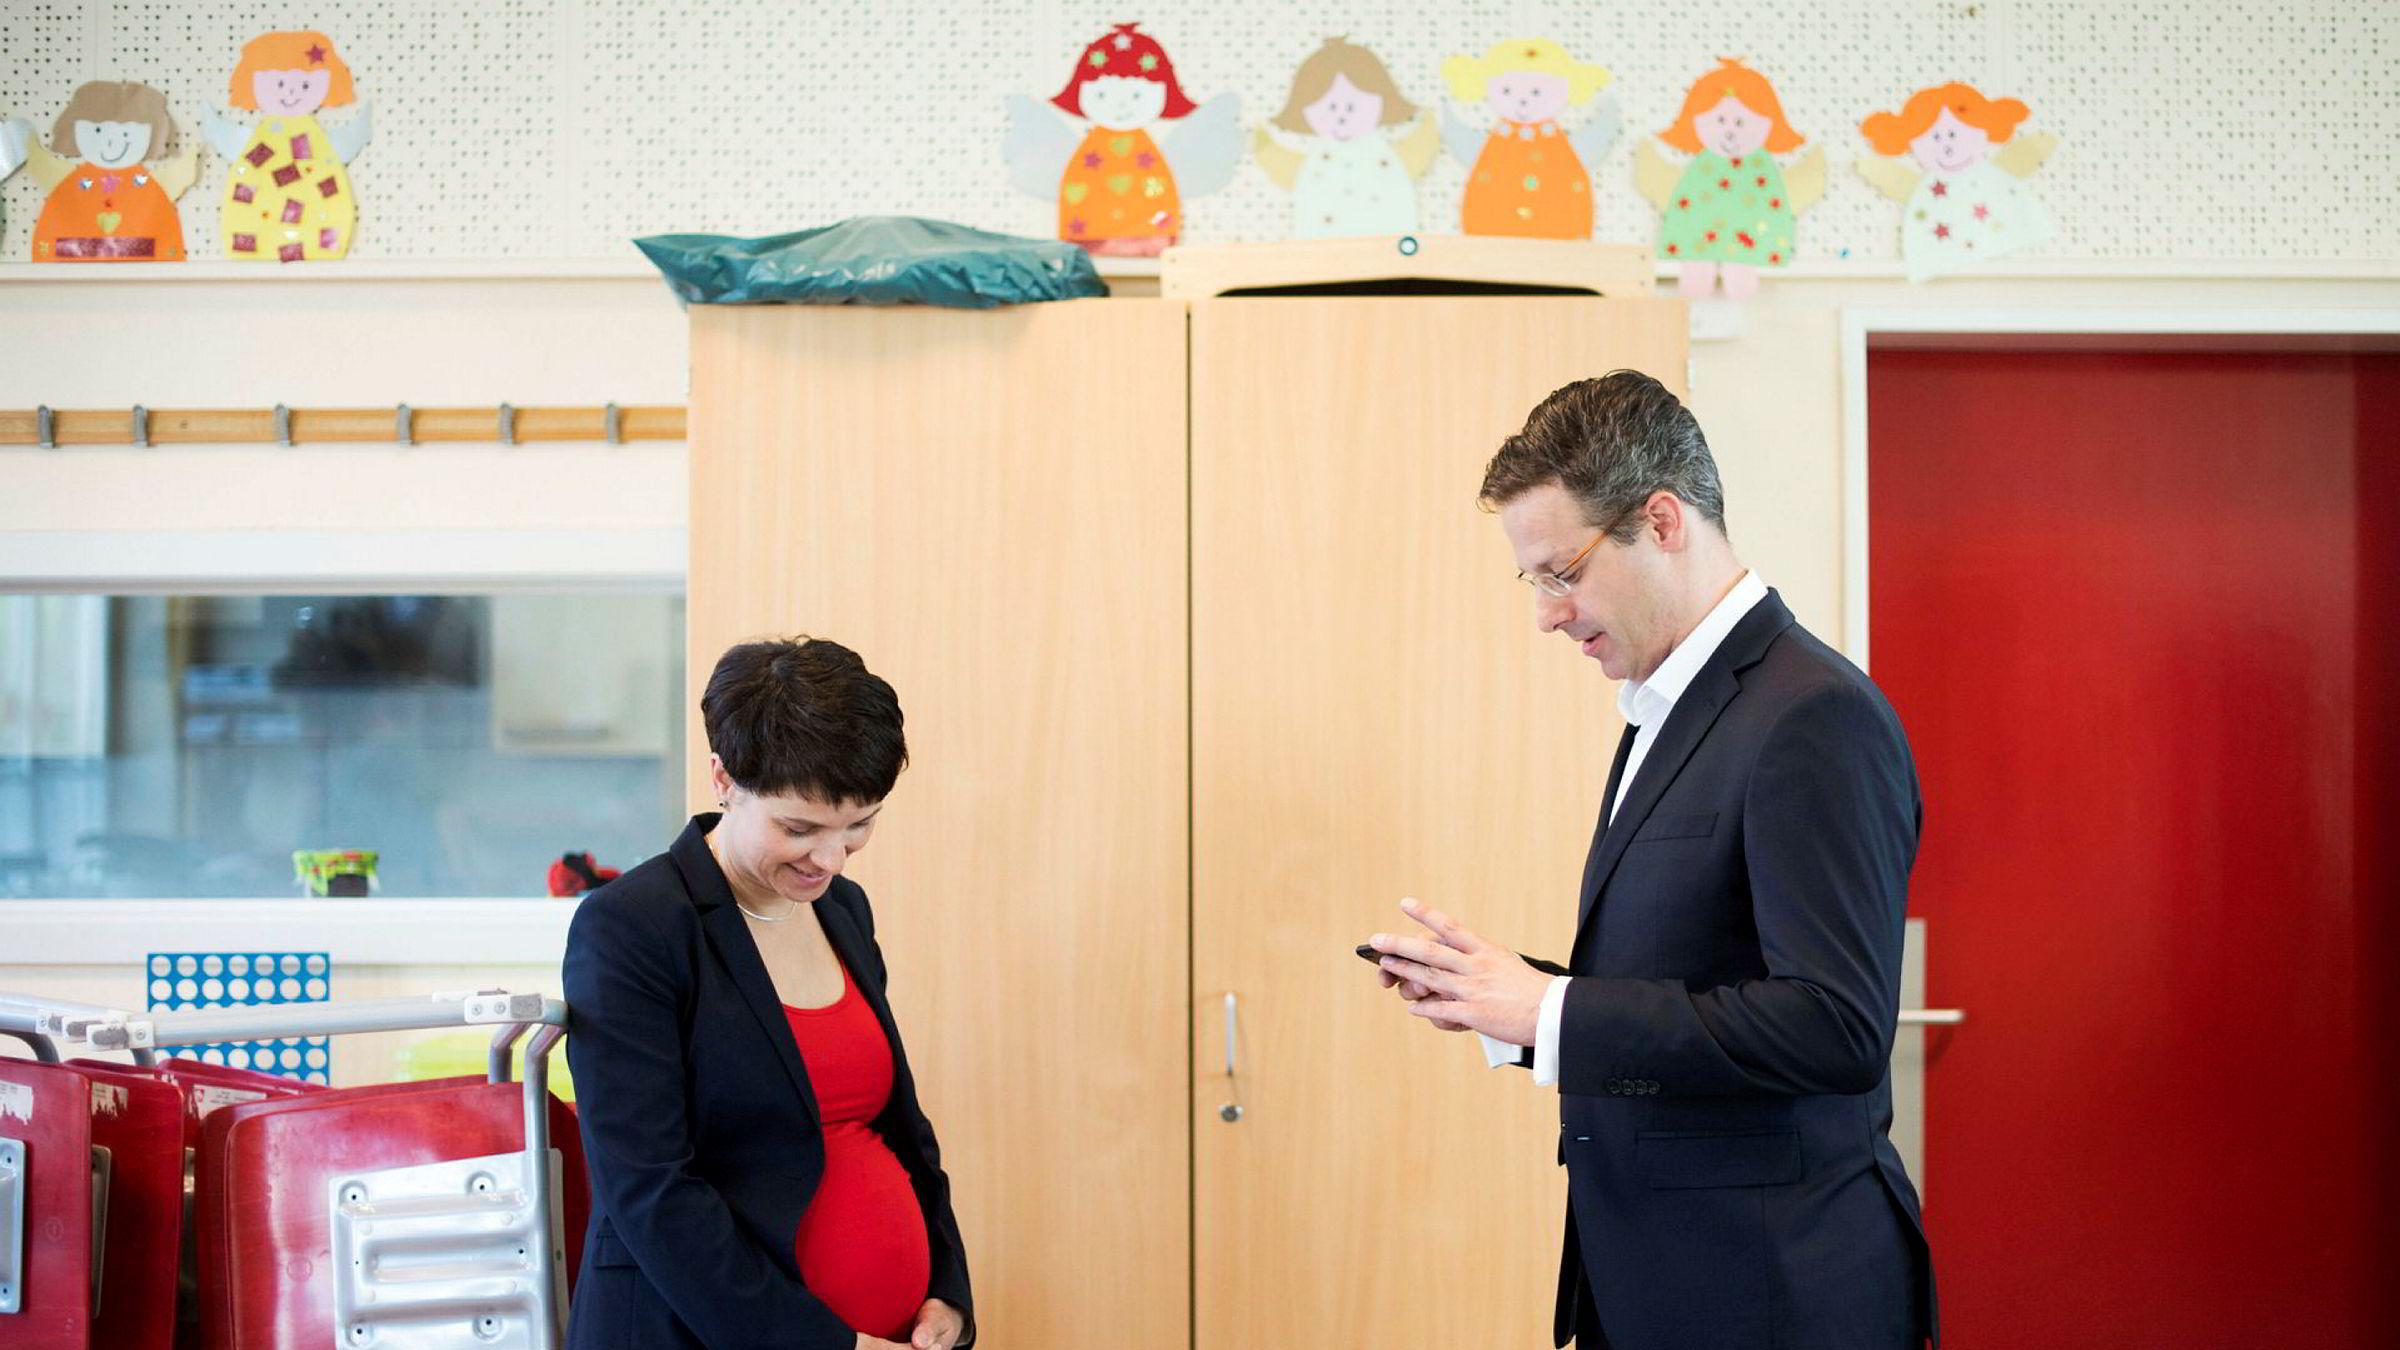 AfD-politiker Marcus Pretzell sier både han og kona Frauke Petry, en av partiets ledere, er skuffet over oppslutningen, selv om partiet sannsynligvis kommer inn i nasjonalforsamlingen etter søndagens valg. Her er paret i Düsseldorf i mai i år.